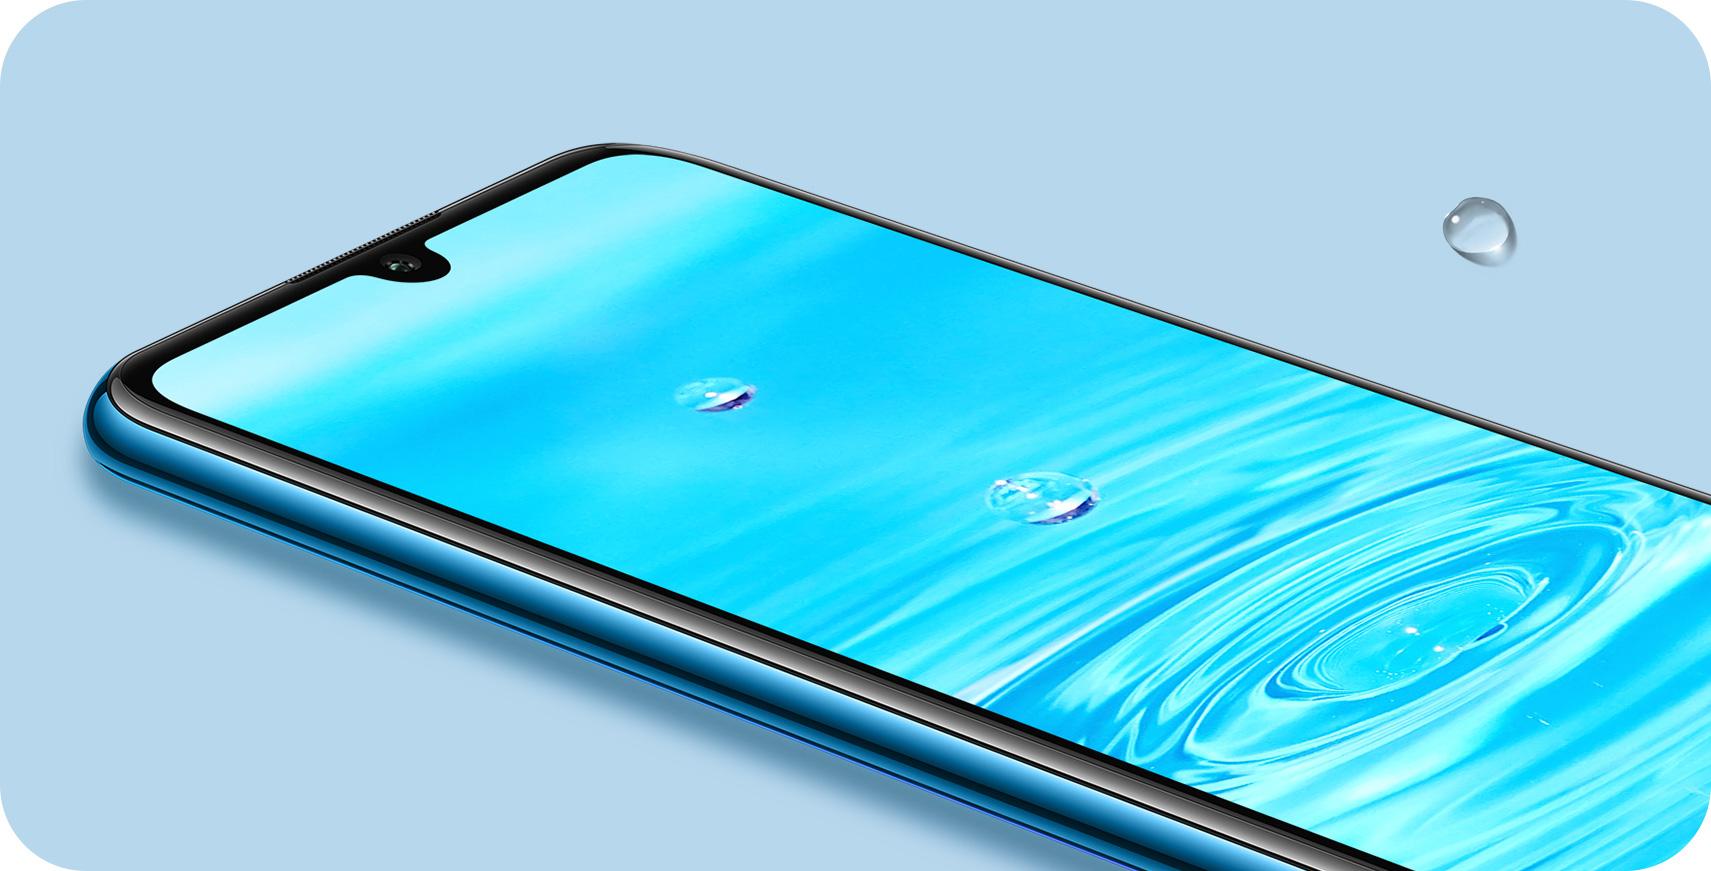 Huawei P30 lite Dewdrop Display